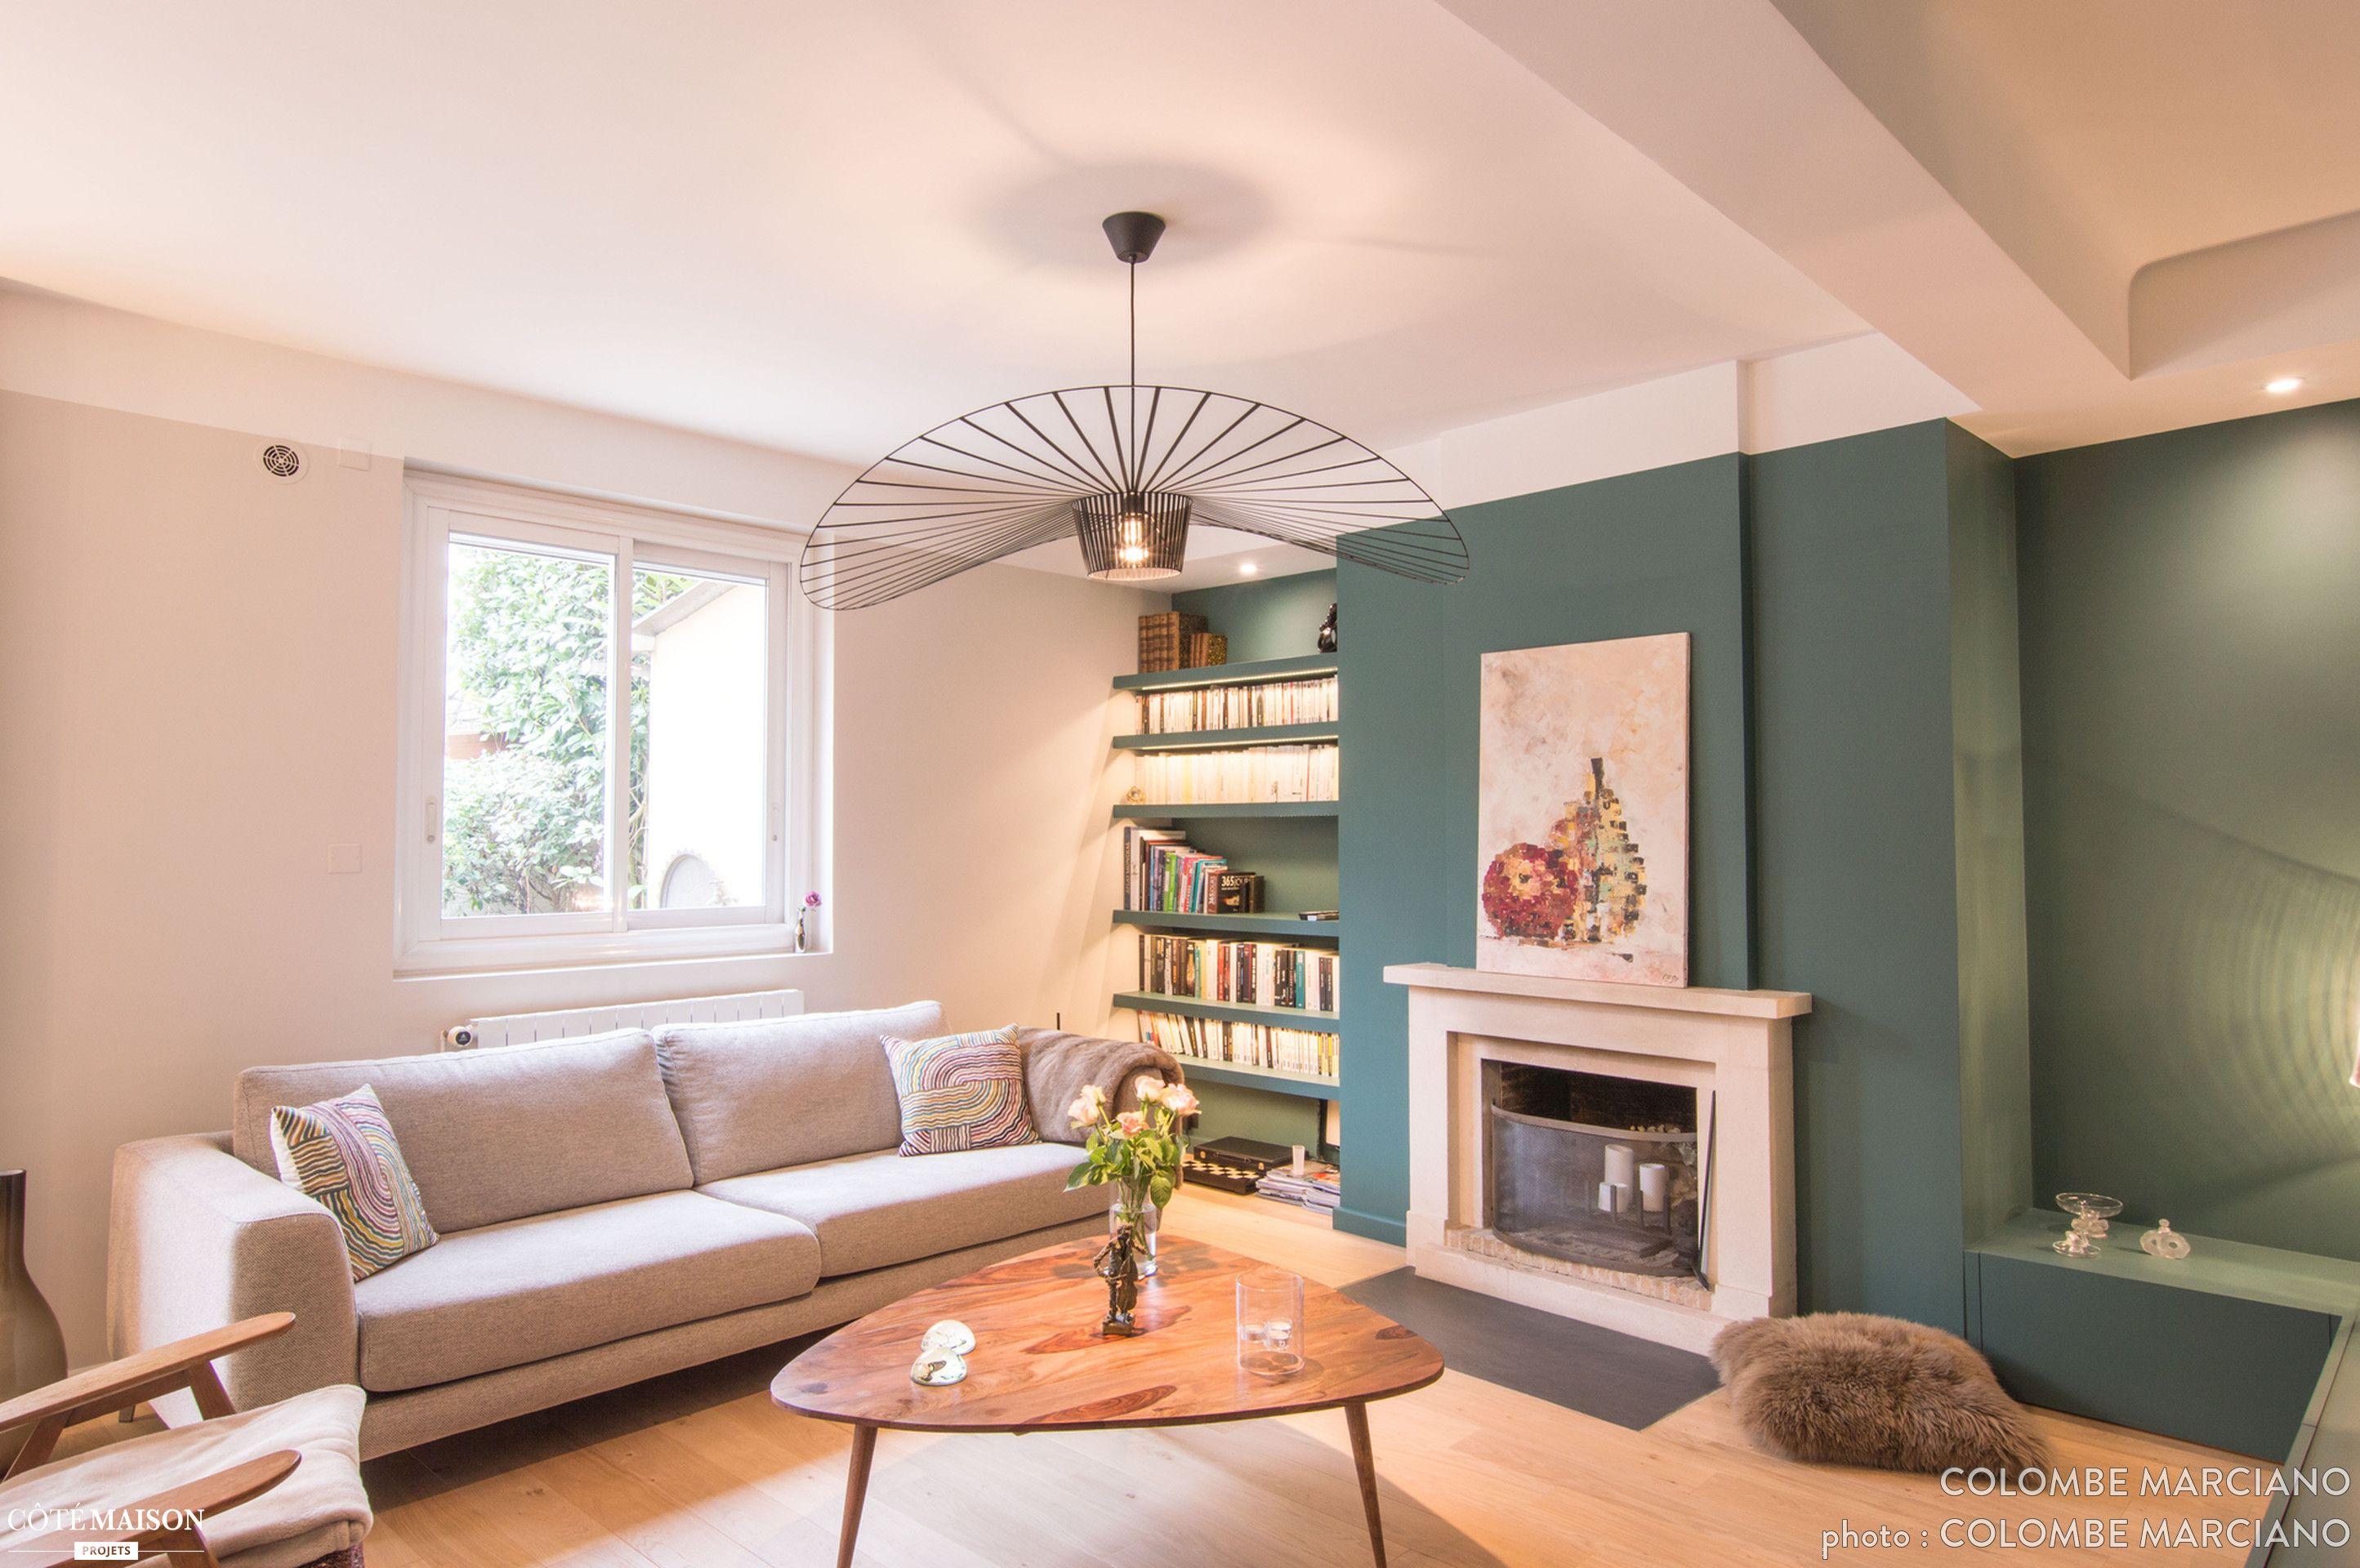 une maison lyonnaise r nov e par la d coratrice colombe marciano maison de r ve par c t. Black Bedroom Furniture Sets. Home Design Ideas